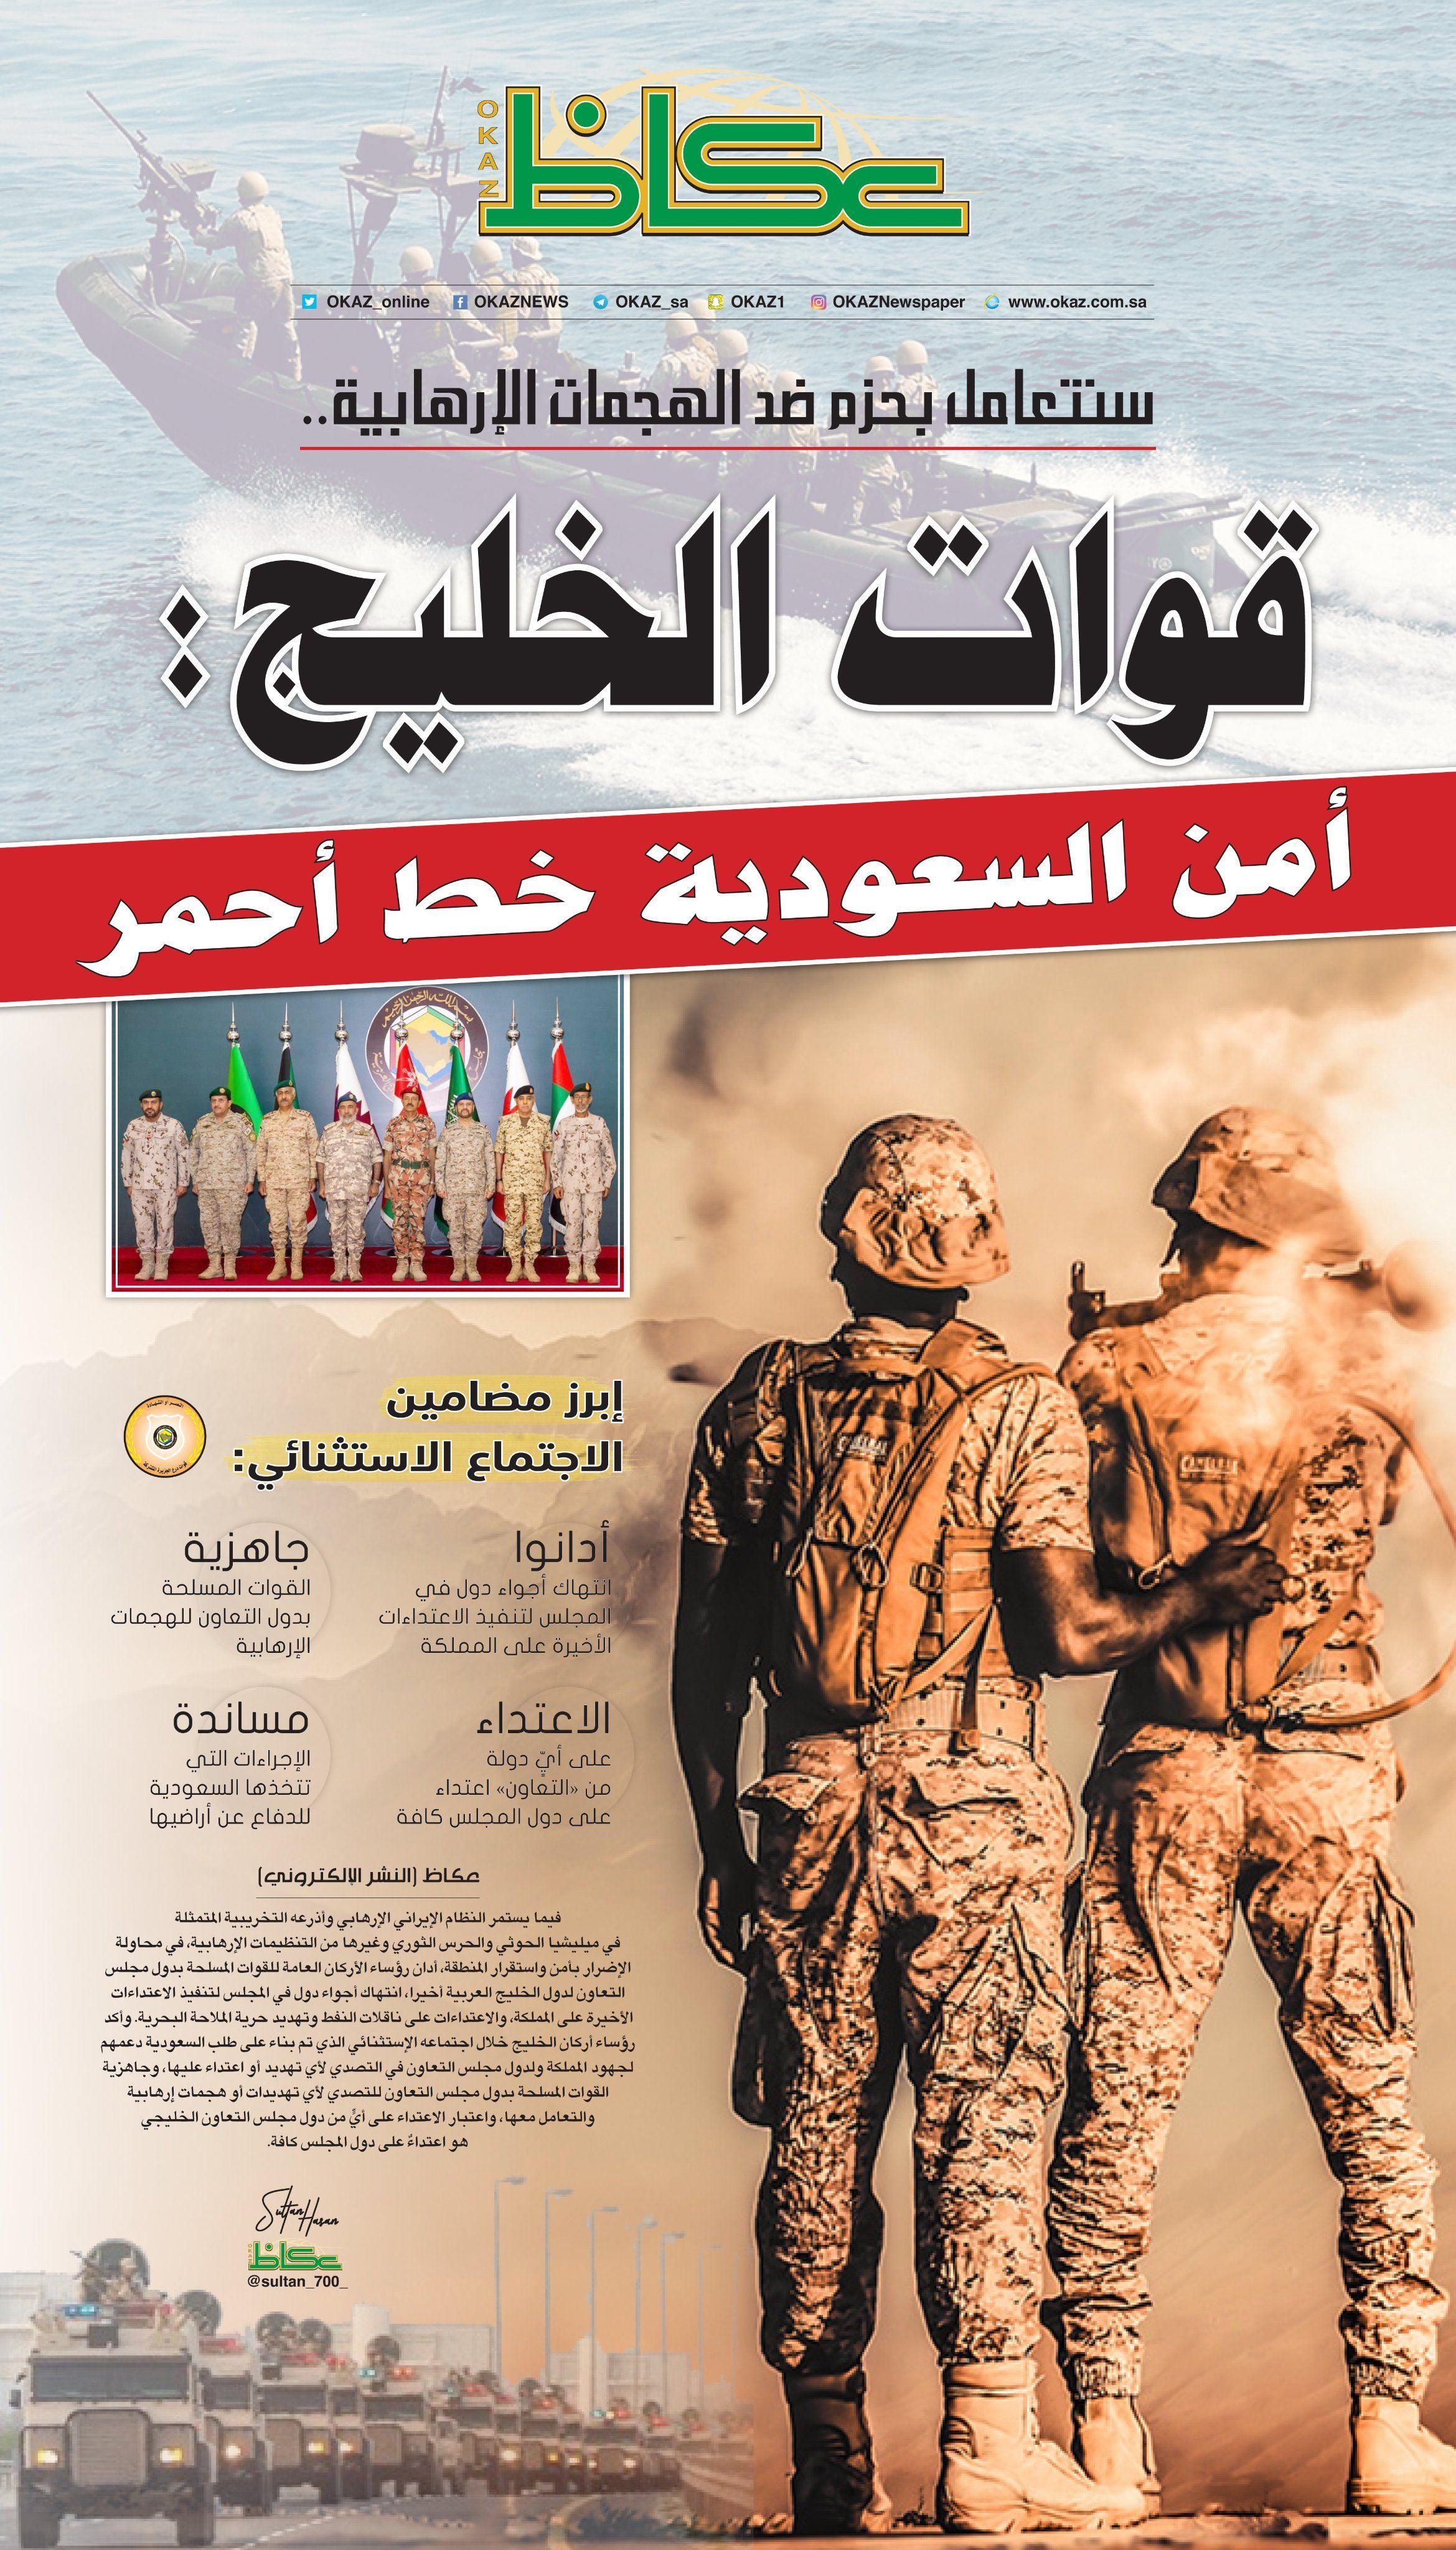 العمل لـ عكاظ وظائف تقنية وإبداعية عن بعد قريبا Saudi Arabia News Multimedia Media